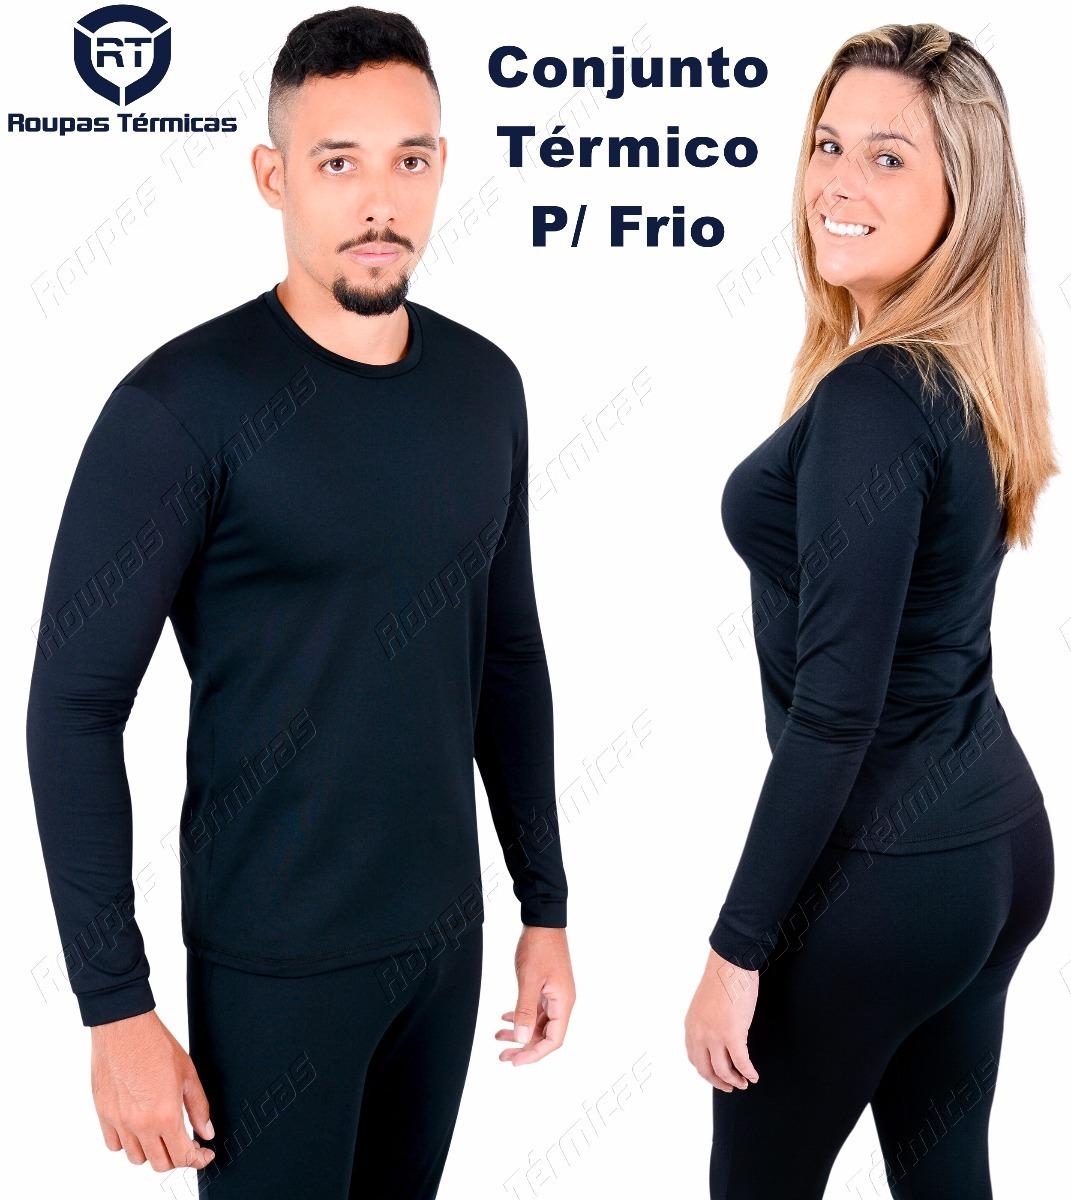 449a0bab7 Blusa E Calça Segunda Pele Térmica Frio Intenso Profissional - R ...